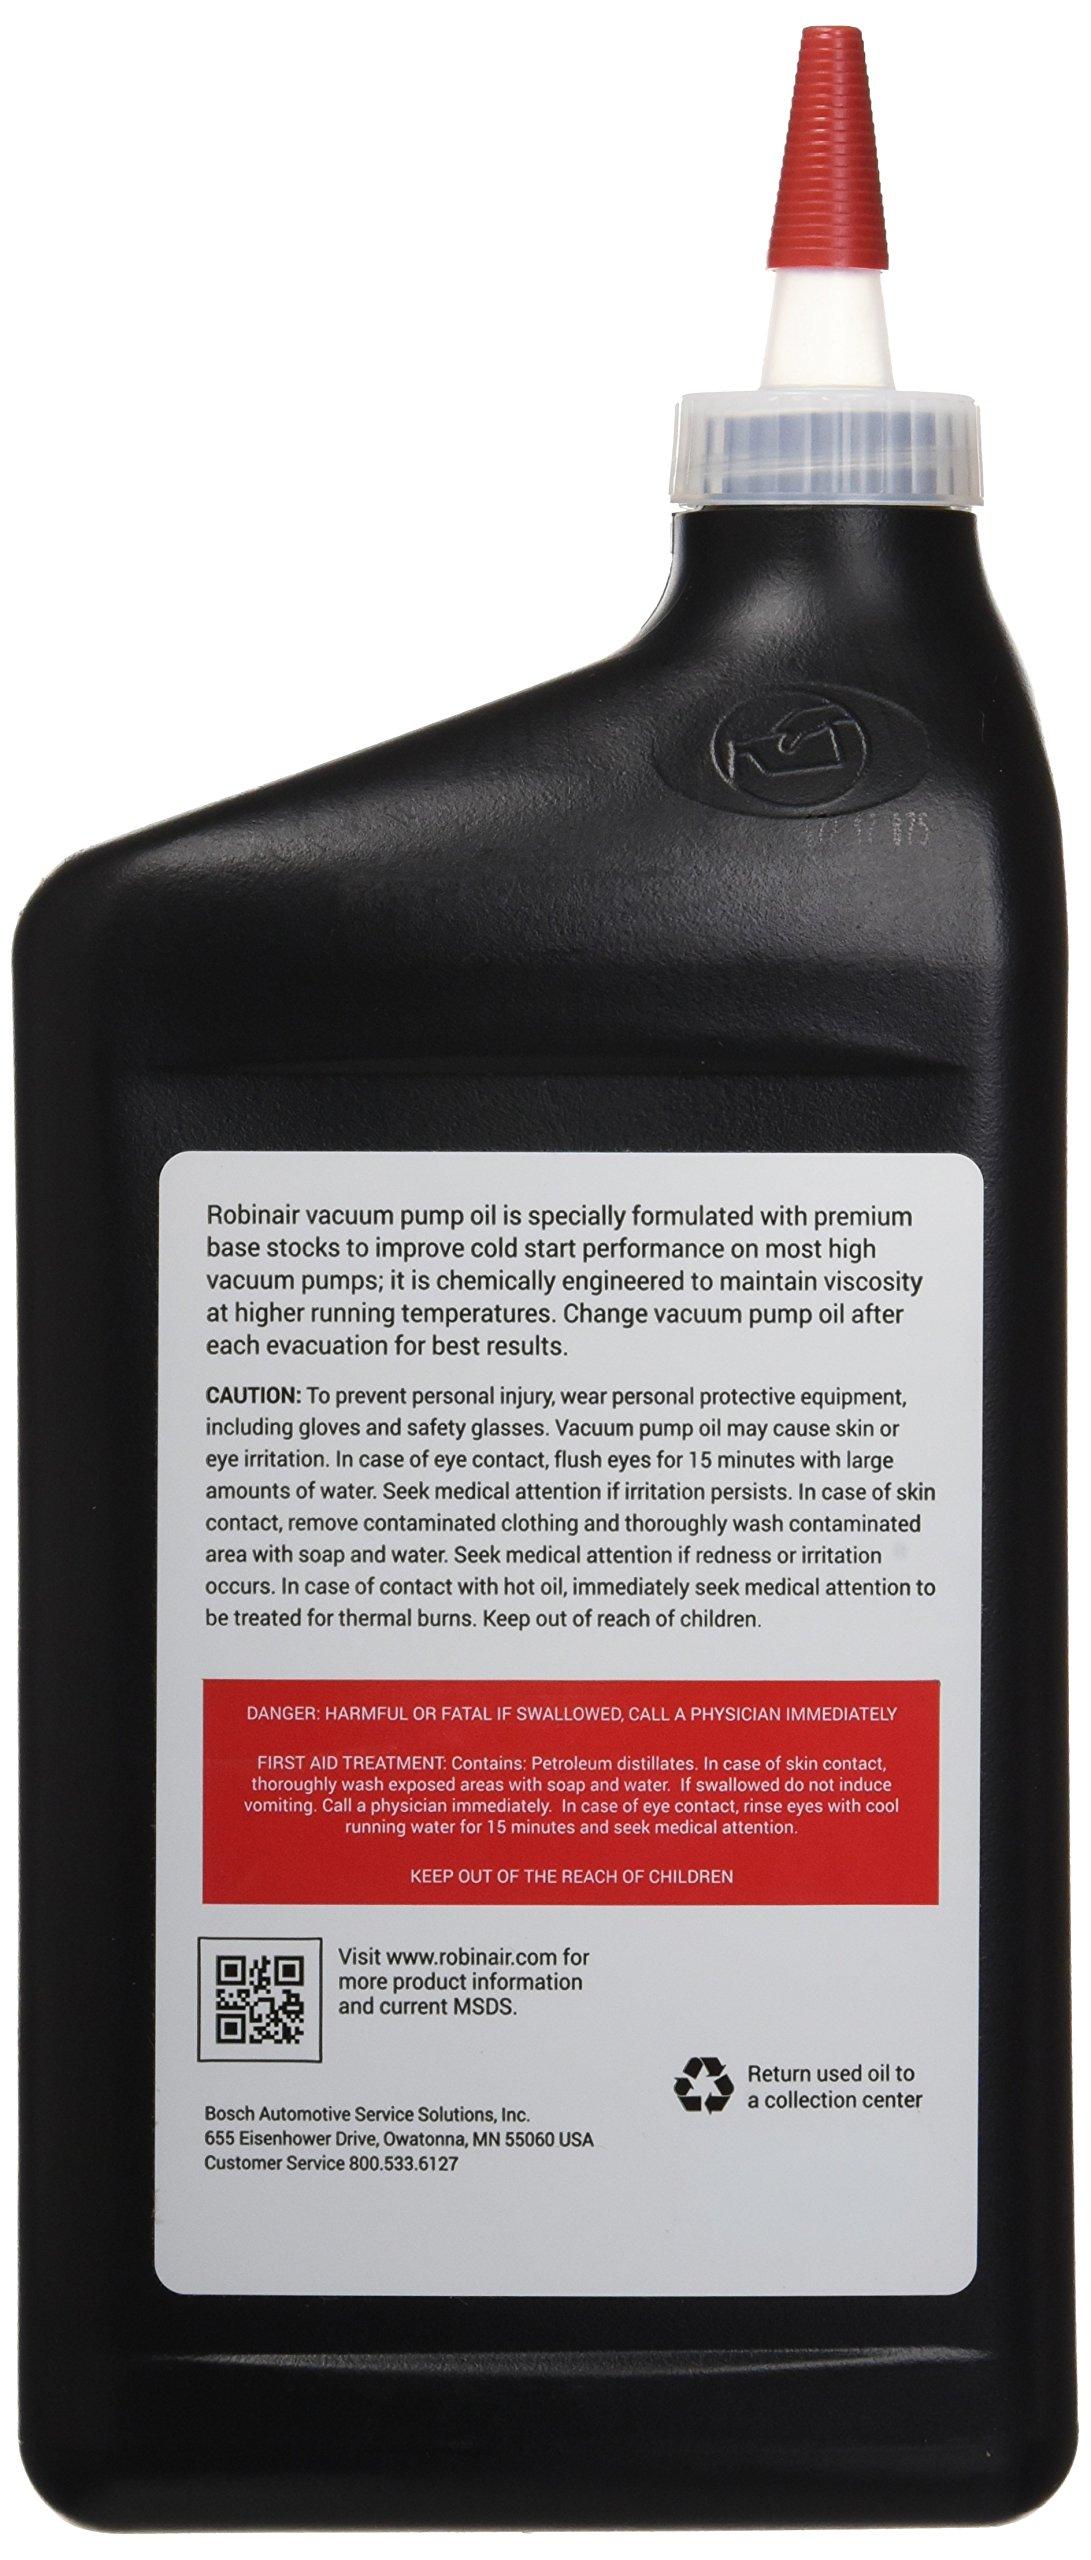 Robinair 13203 Premium High Vacuum Pump Oil - 1 Quart by Robinair (Image #2)